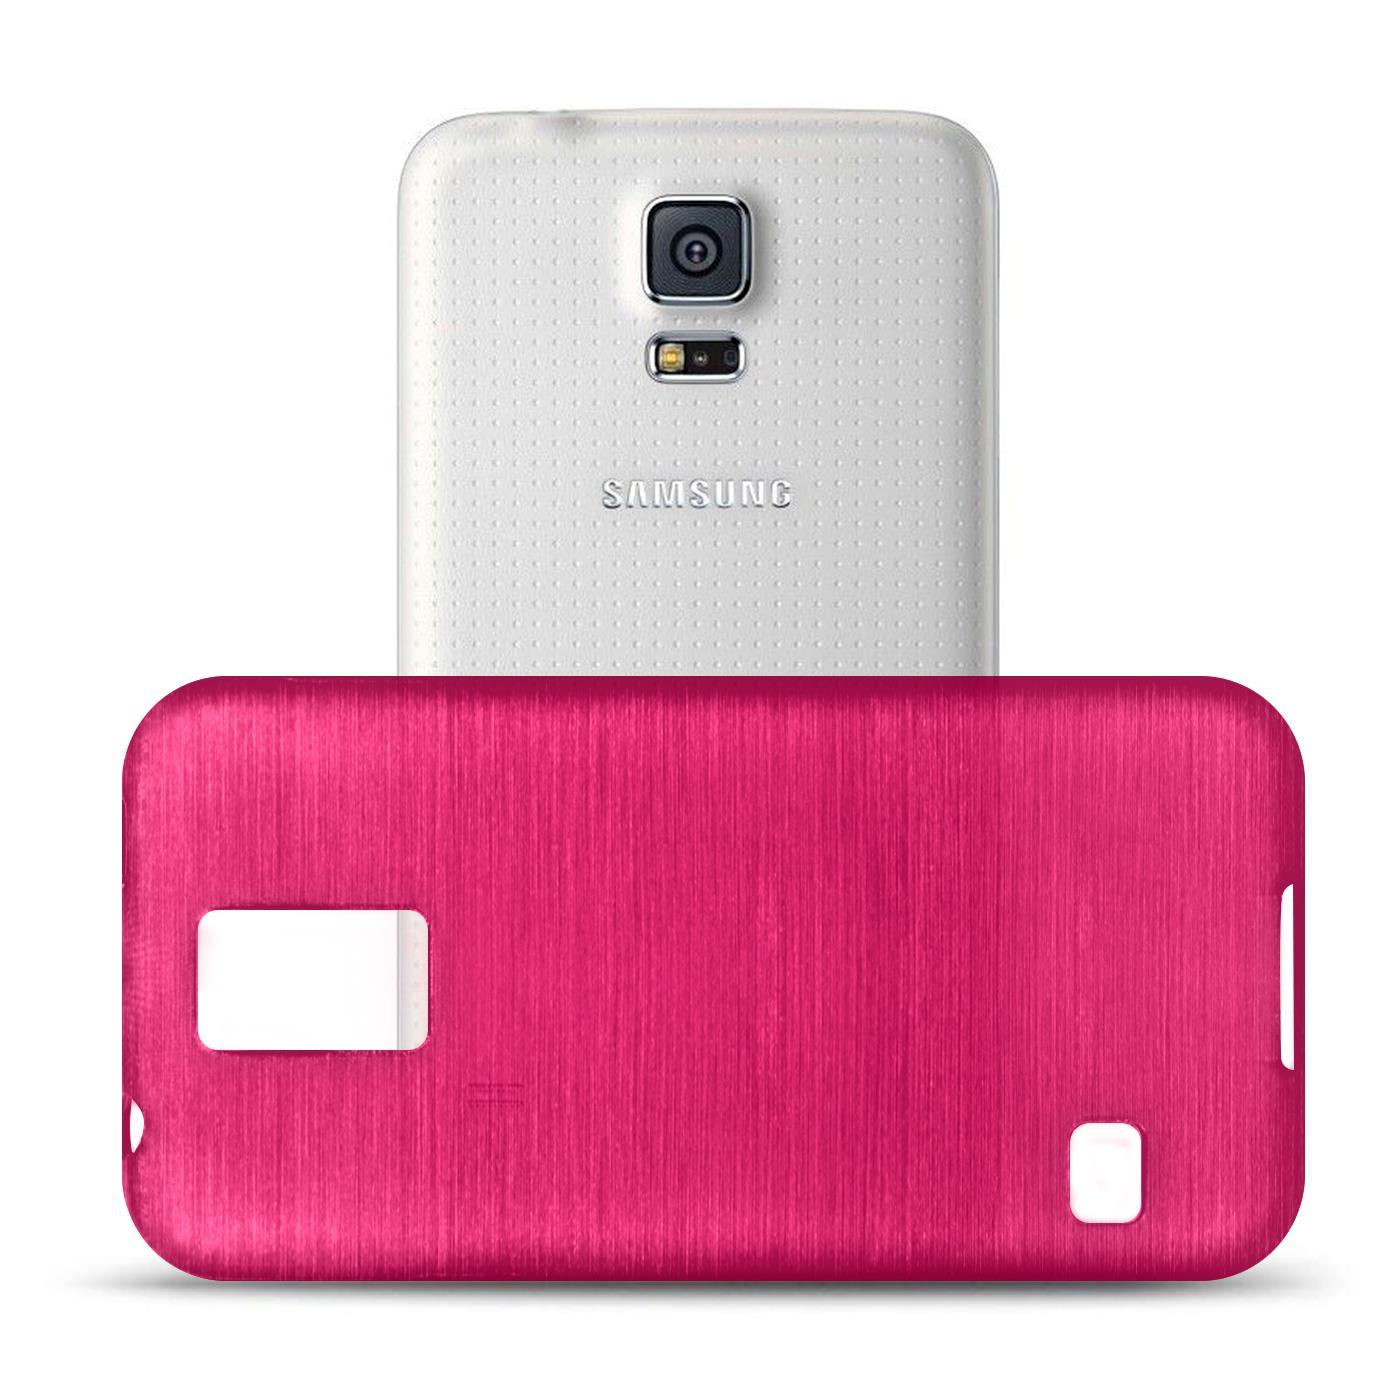 Silikon-Bumper-Case-Samsung-Galaxy-s5-Neo-duenne-ultra-slim-Stossfeste-Rueckschale Indexbild 32